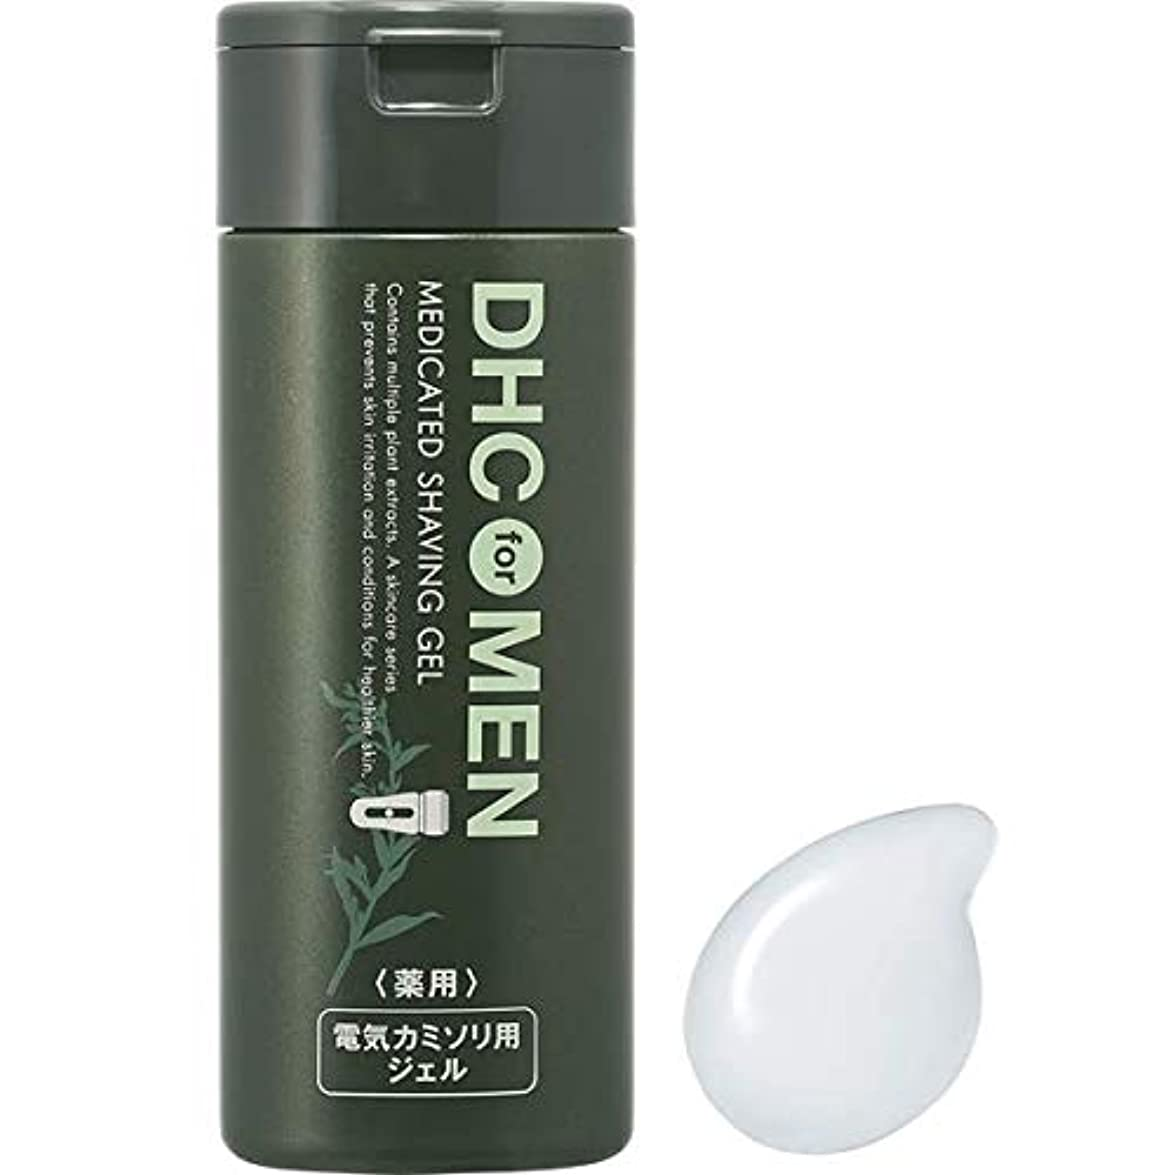 スプリットわかるテザーDHC for MEN 薬用 シェービング ジェル(電気カミソリ用ジェル)